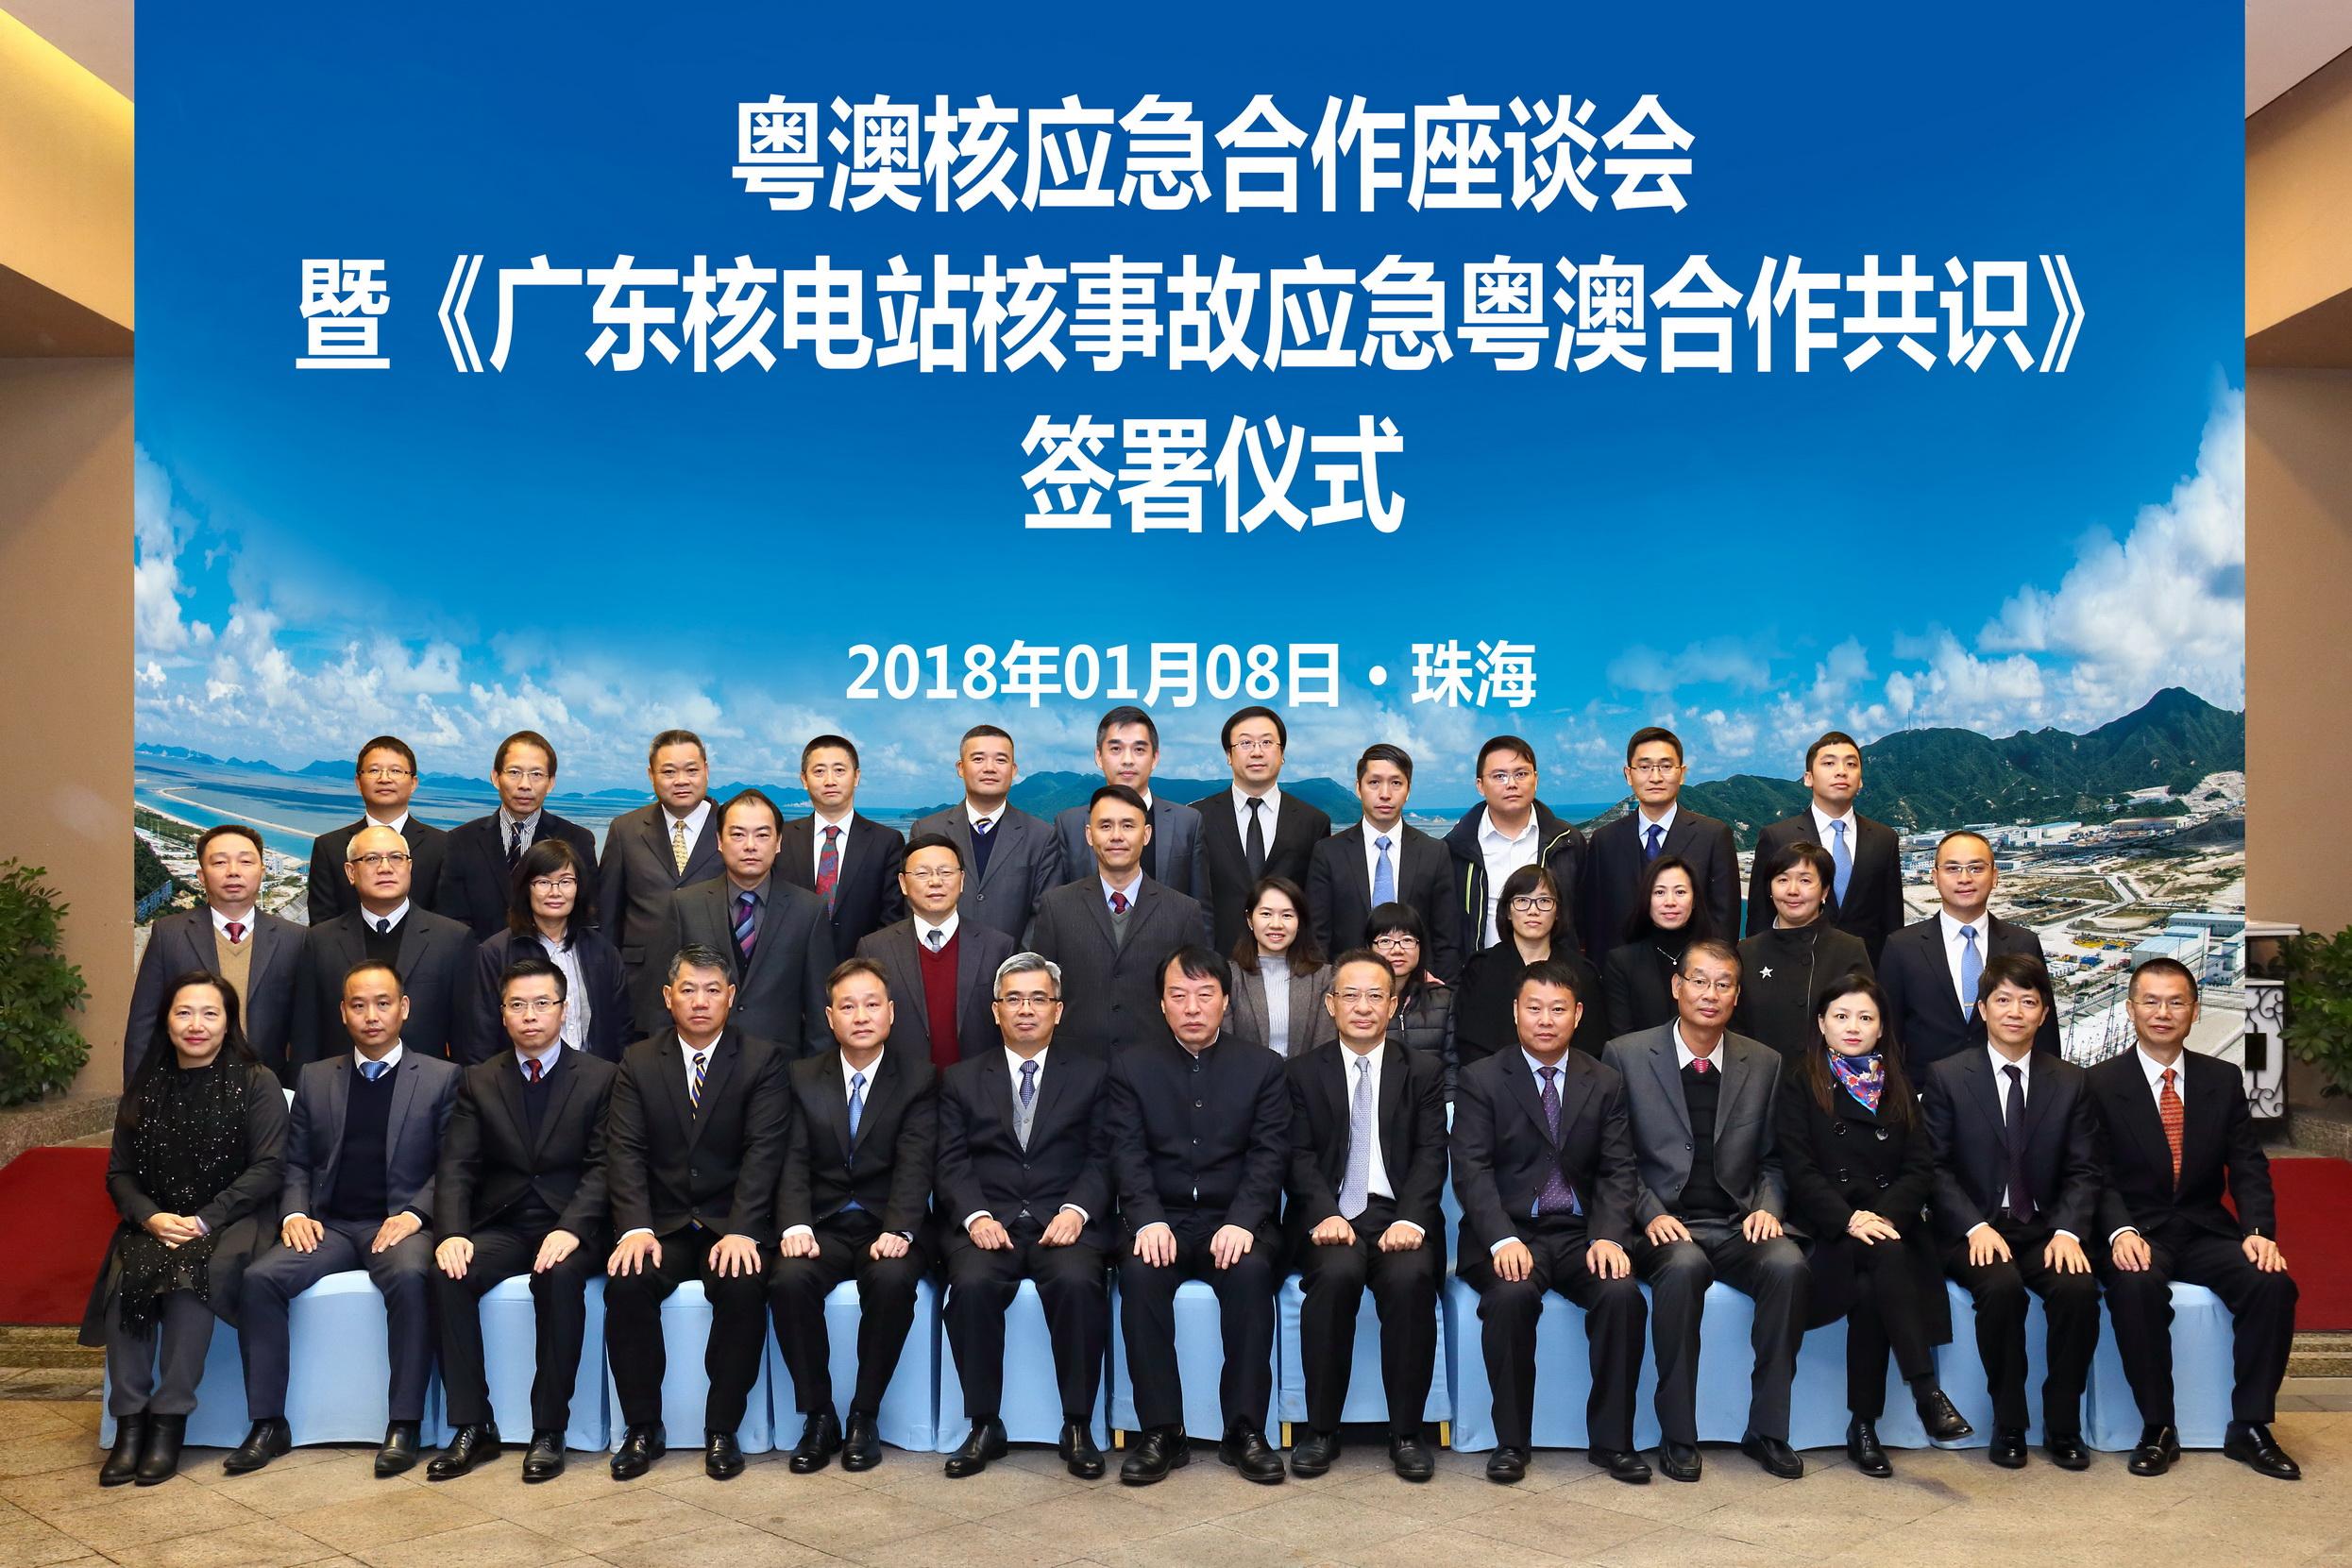 Centrais nucleares | Assinado acordo. Macau passa a ser notificada em caso de incidentes